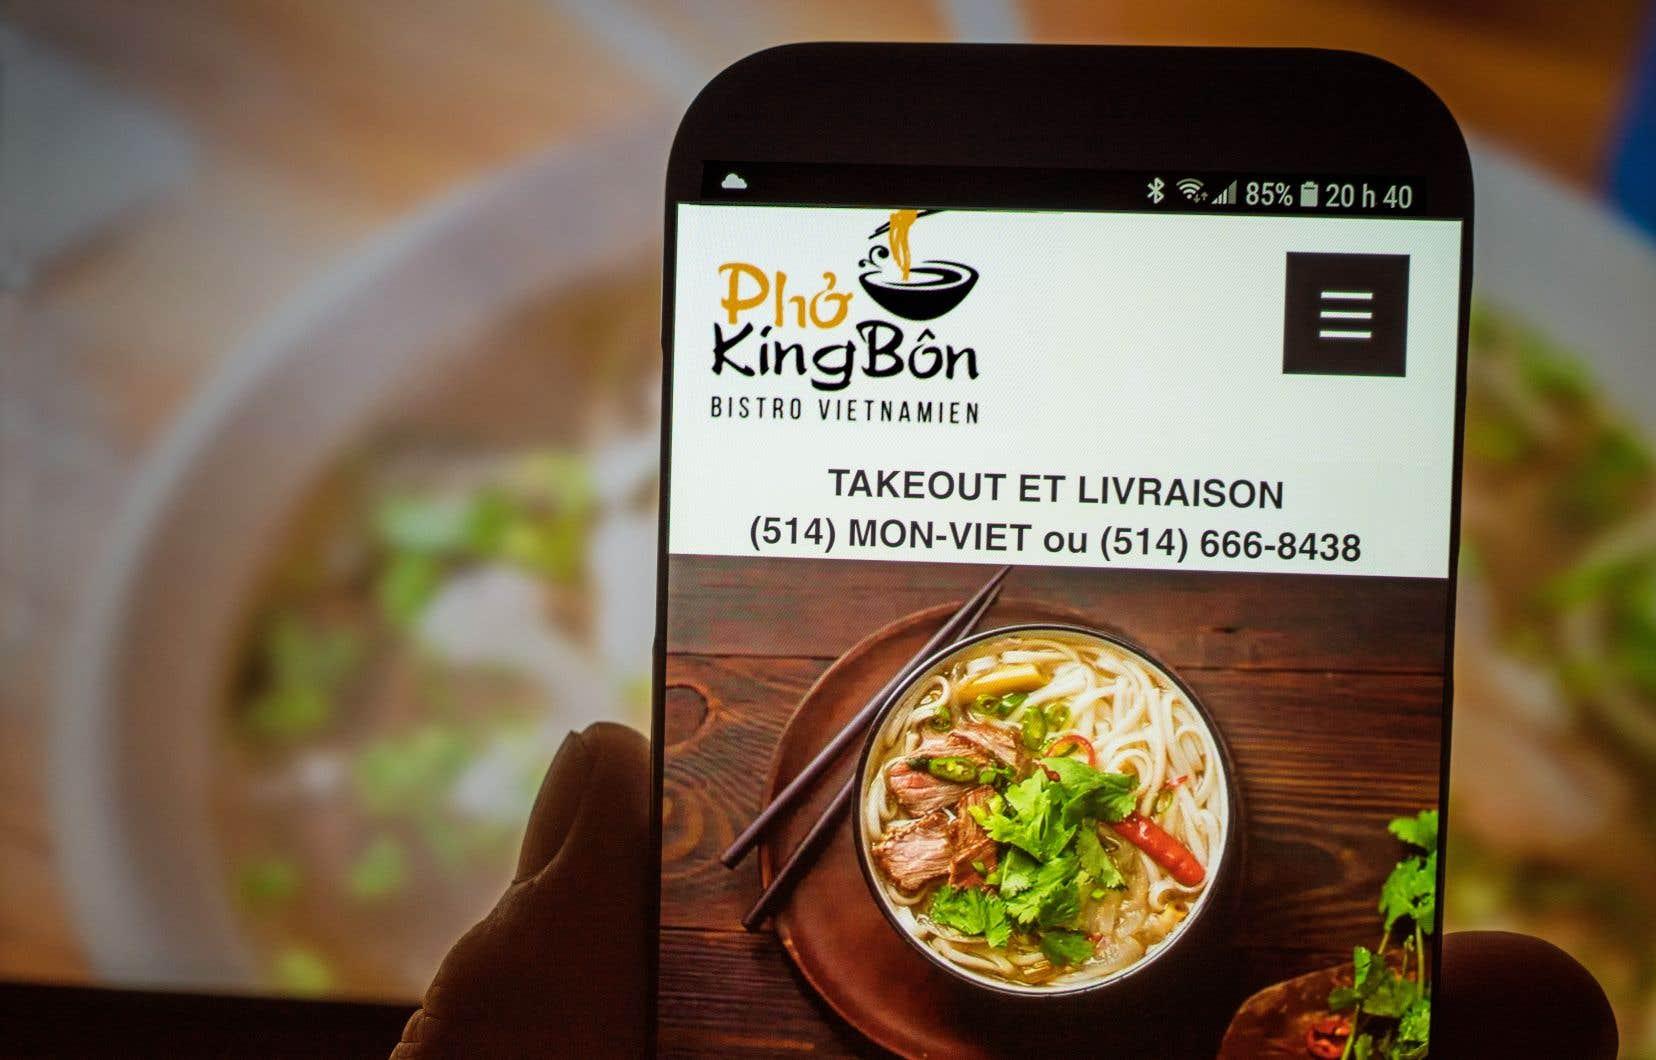 Le restaurant remplace son appellation pour Pho King Bon, bistro fusion.